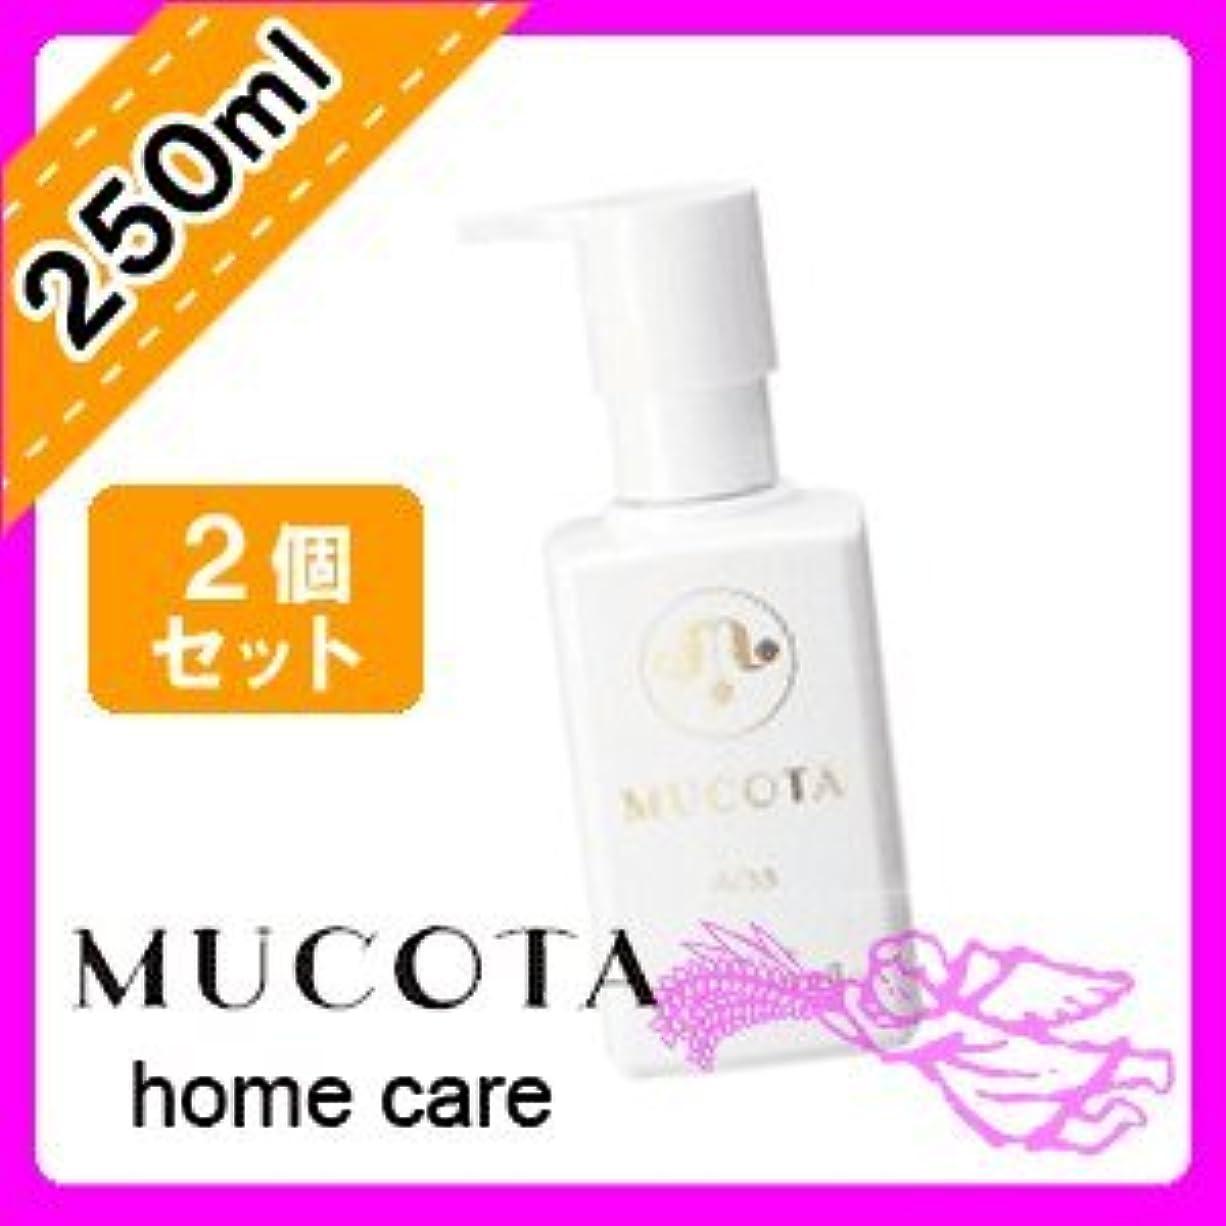 オン違反目指すムコタ ホームケア シャンプー A/33 250ml × 2個 セット MUCOTA Home Care